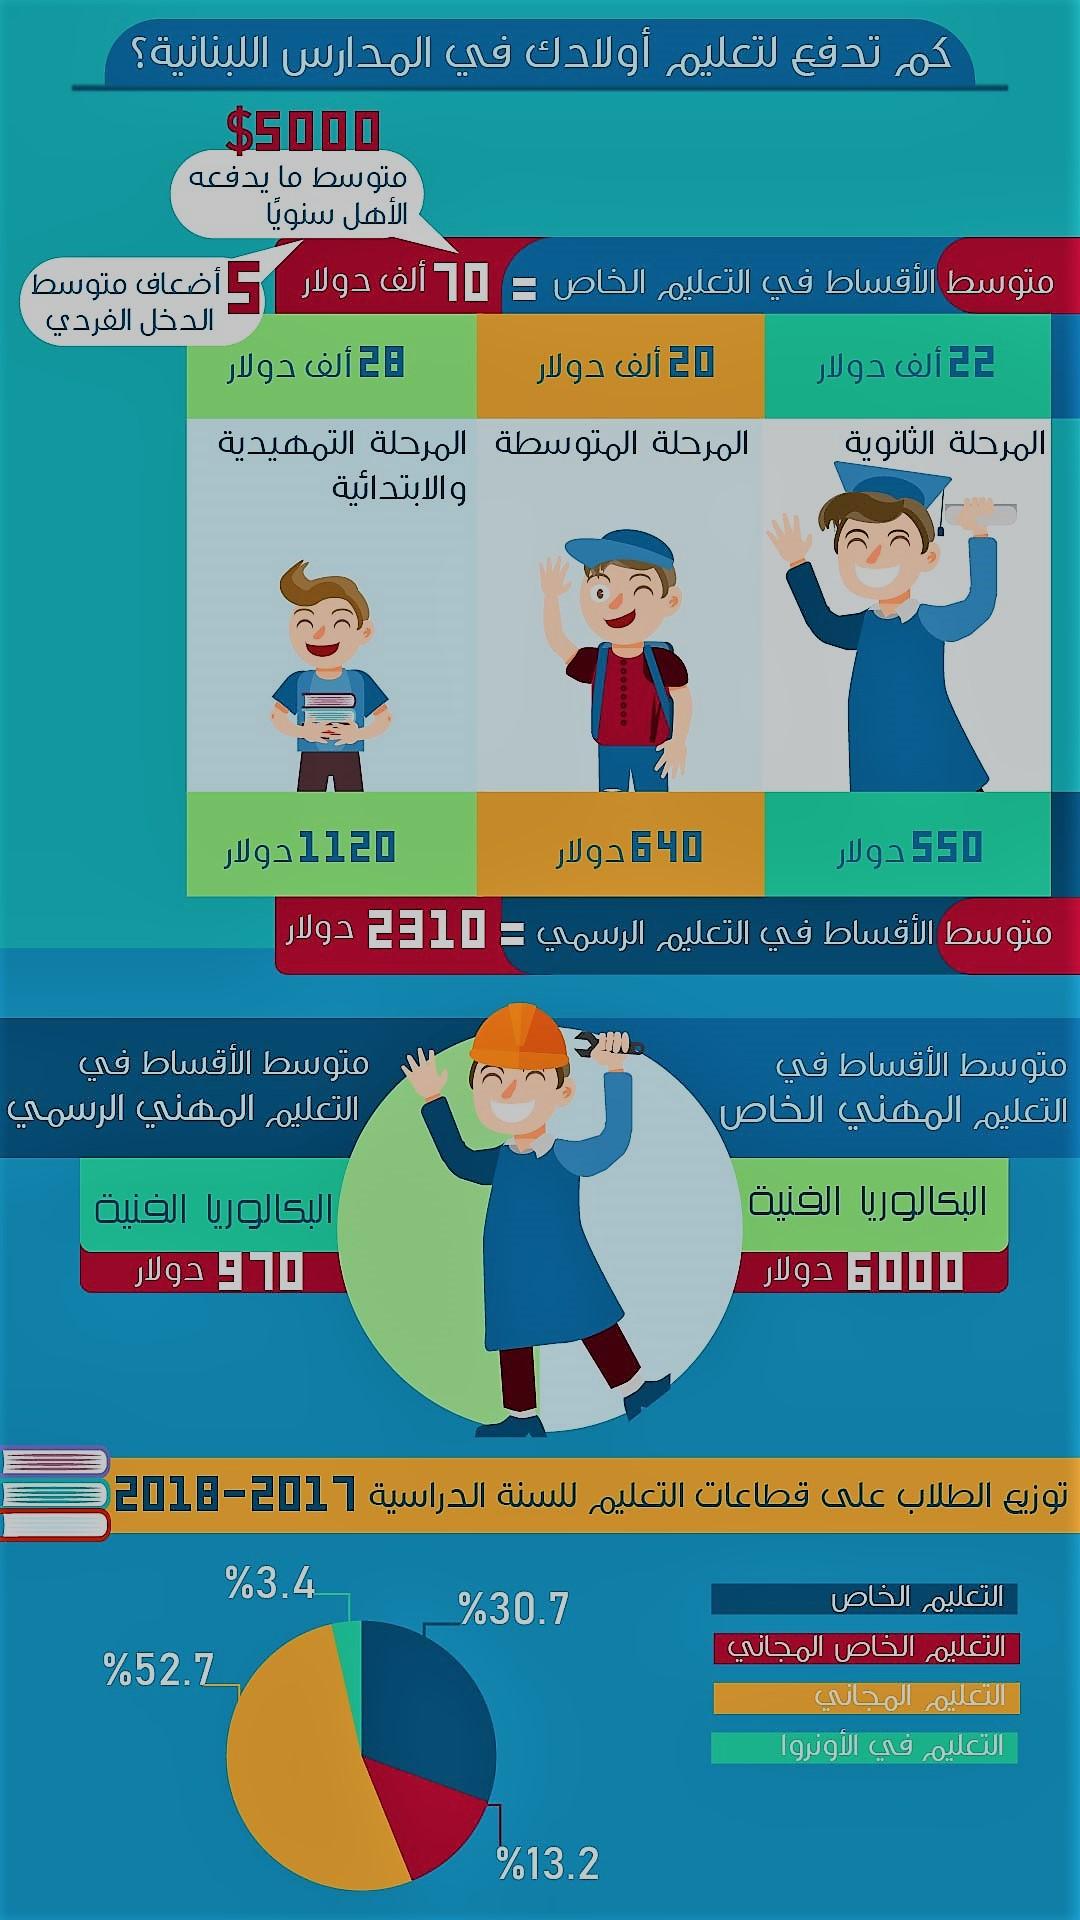 كلفة التعليم المدرسي أرقام خيالية